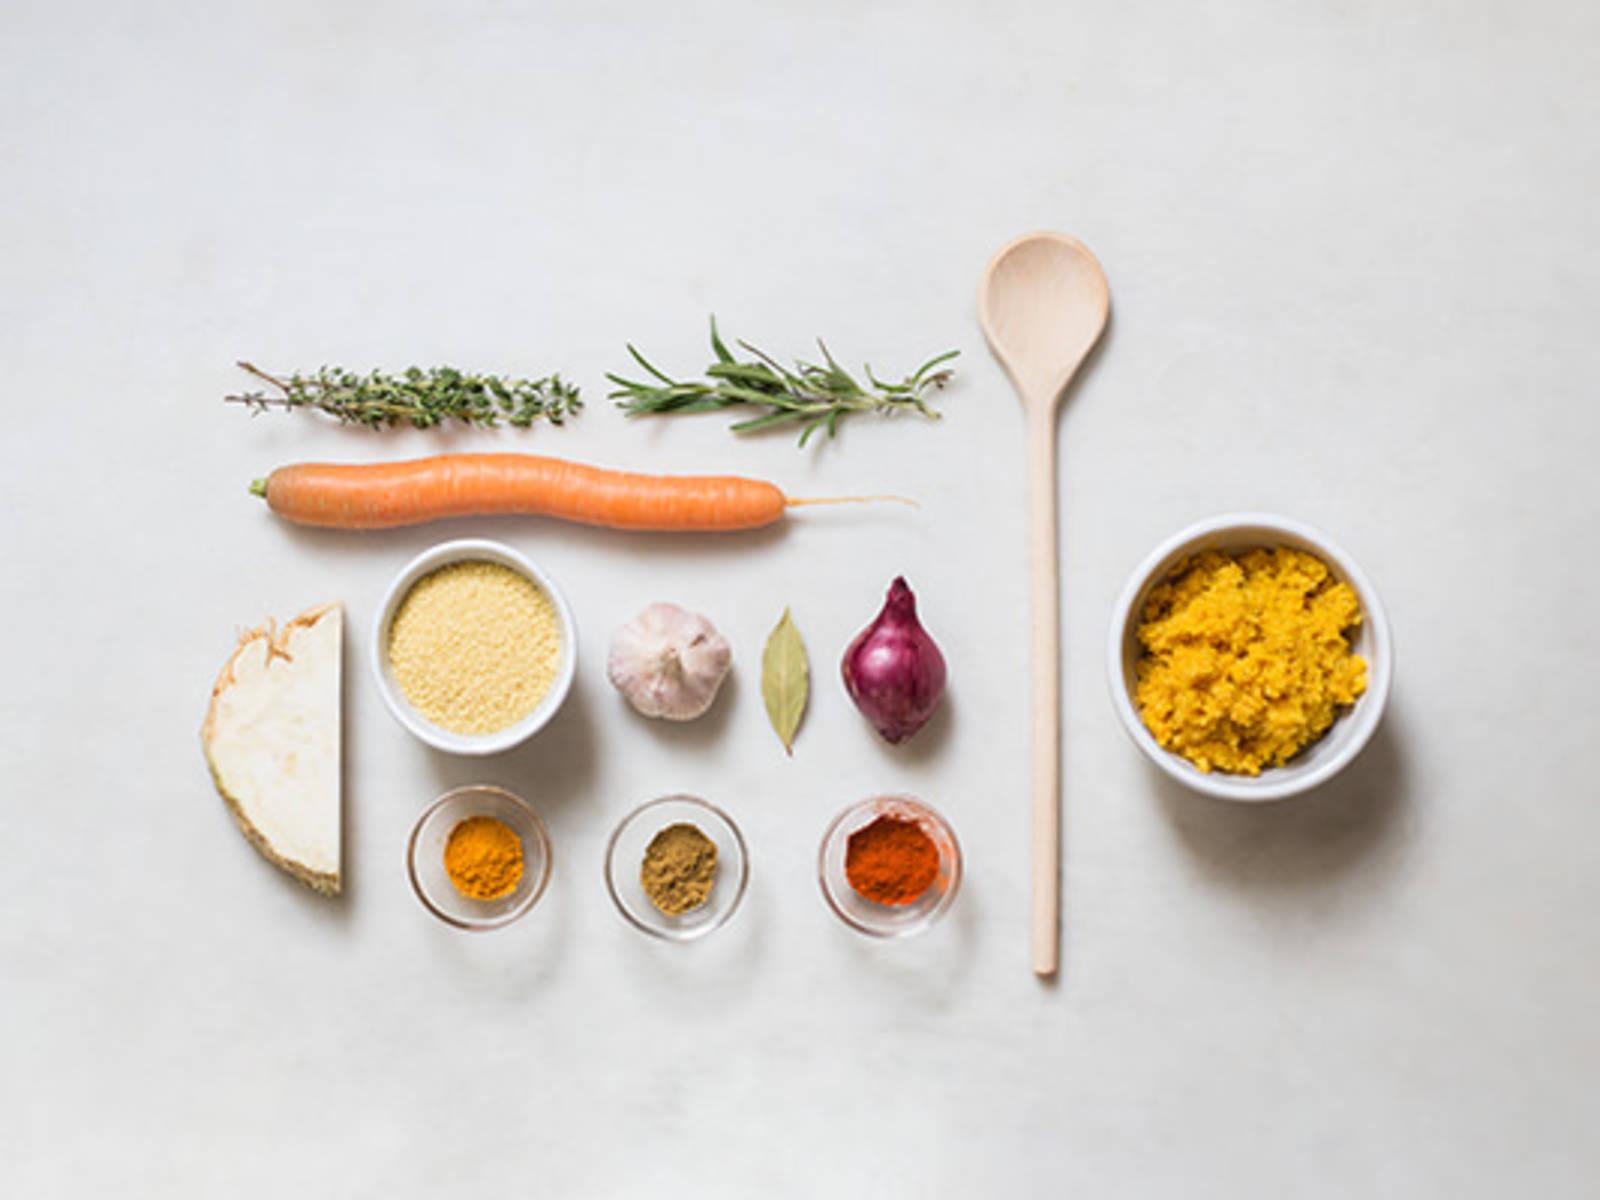 Würzigen Couscous zubereiten